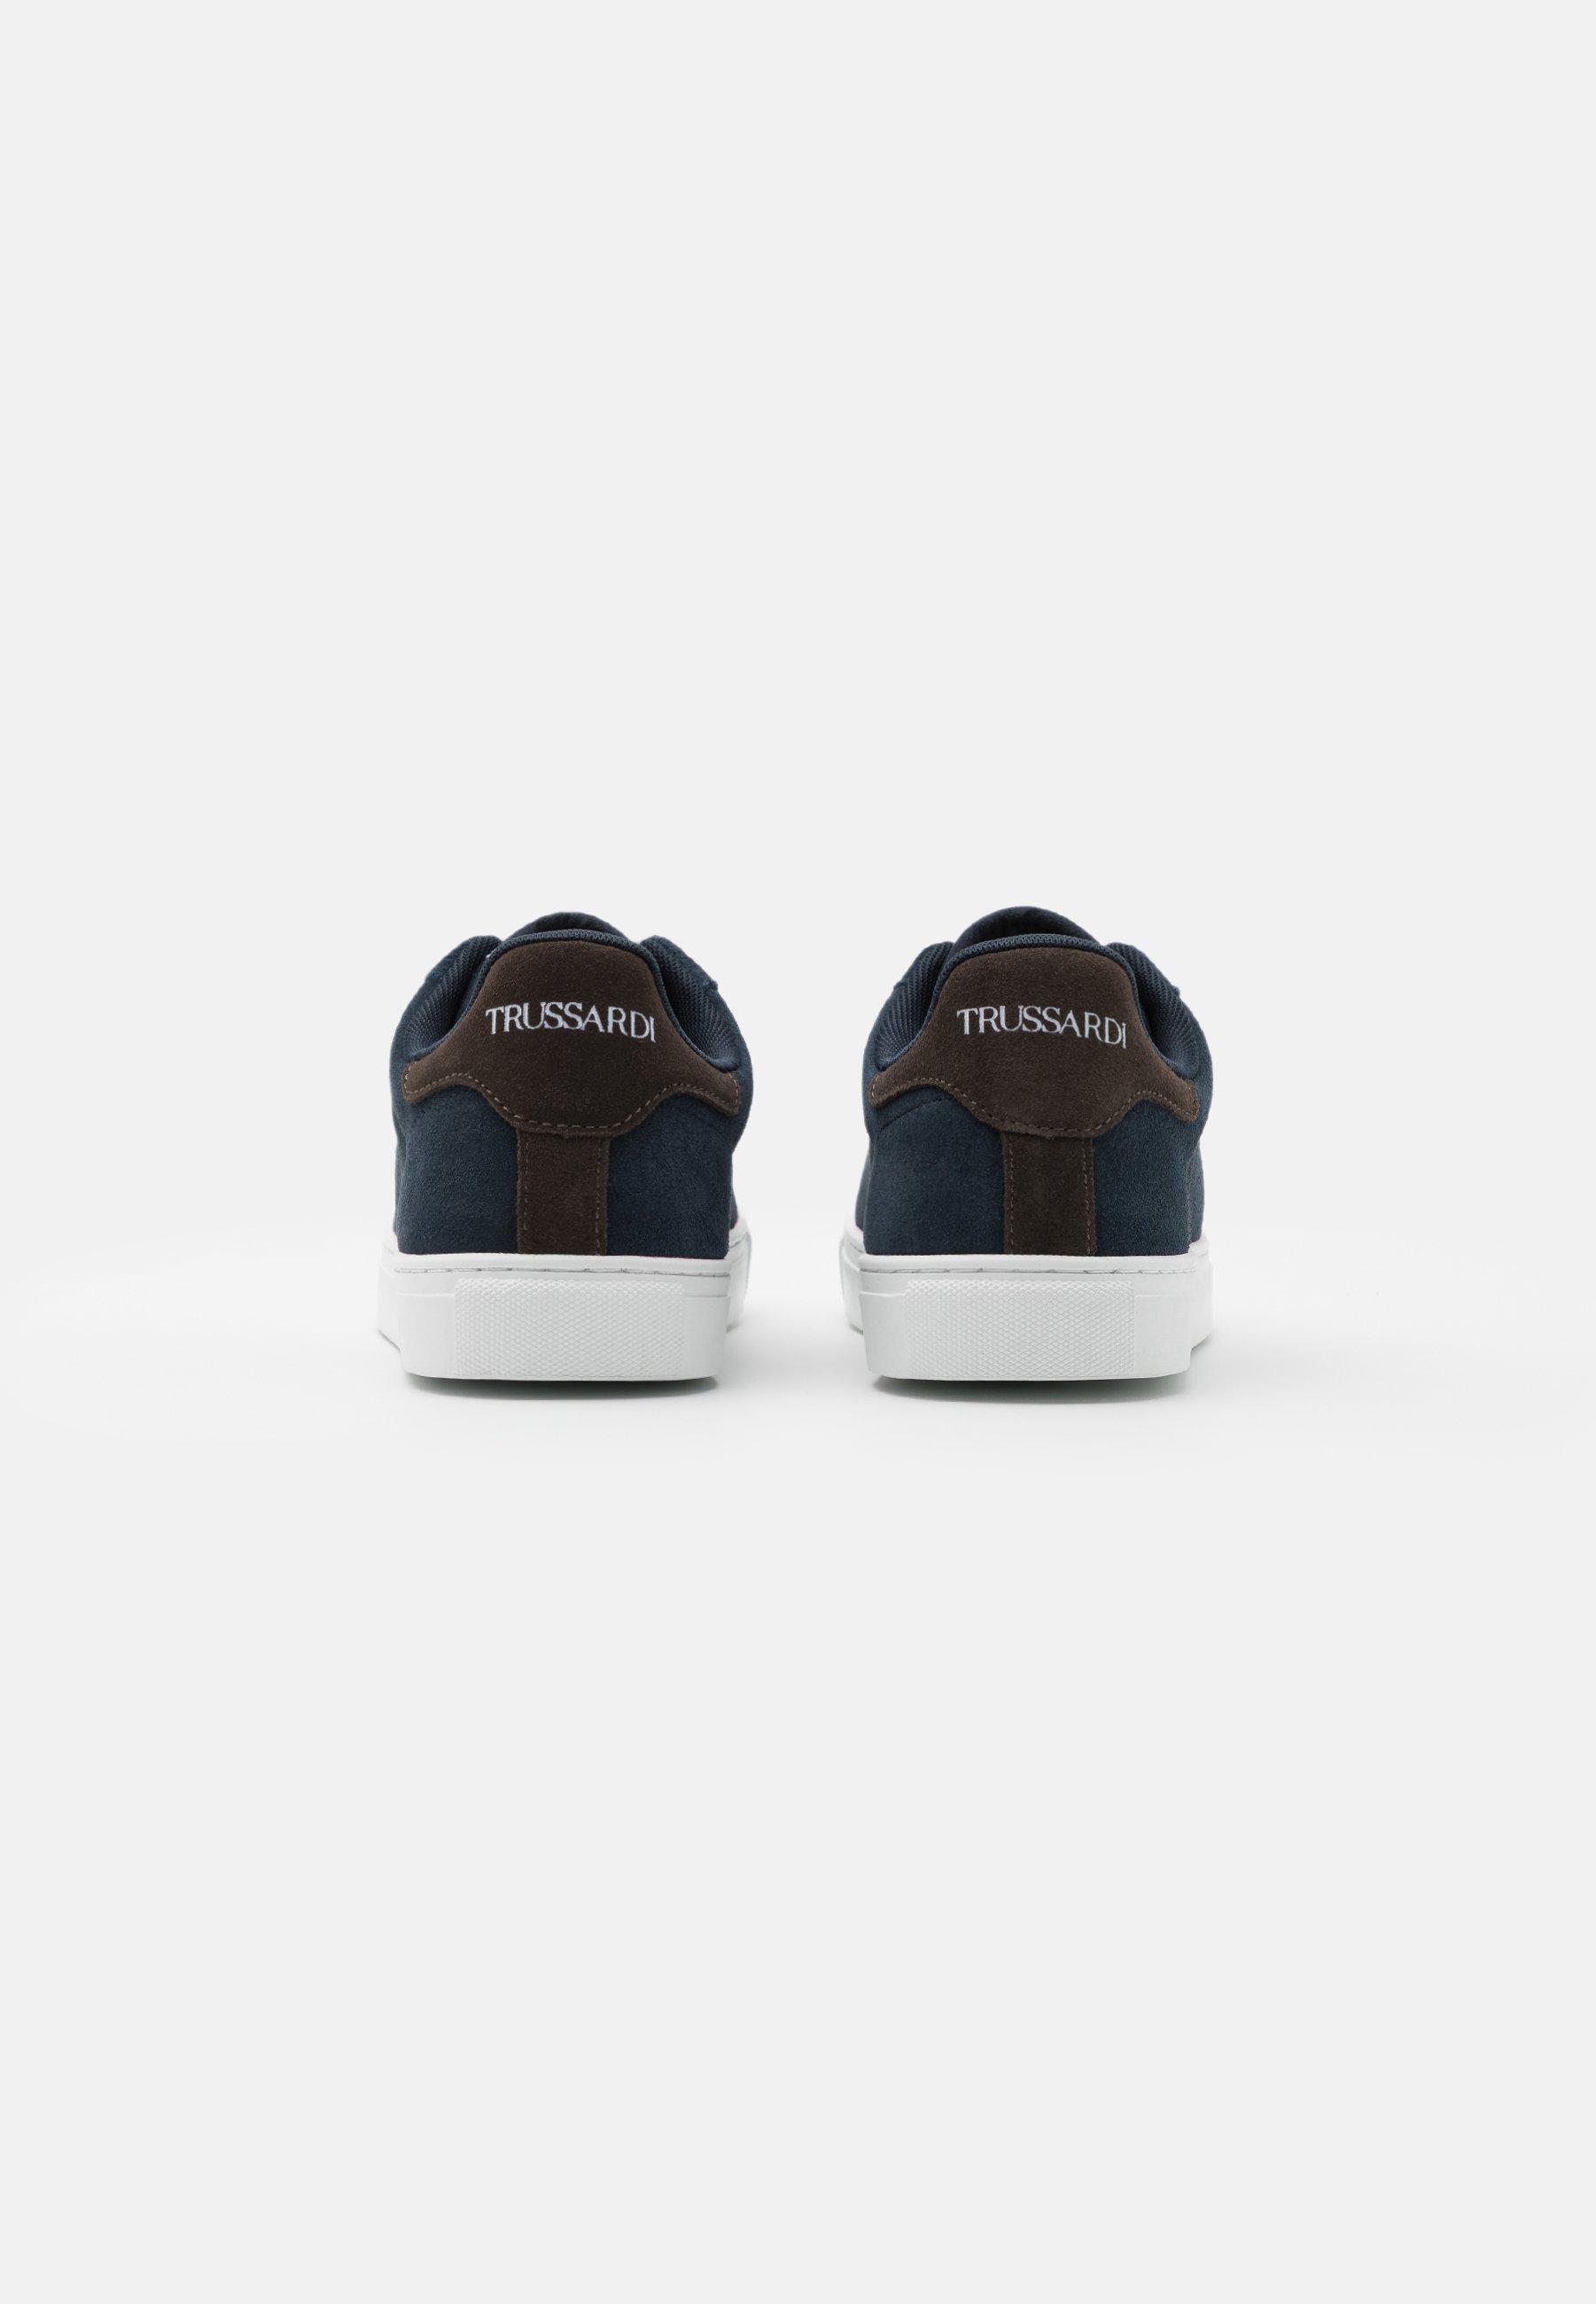 Trussardi Sneaker low - dark blue/dunkelblau - Herrenschuhe 7qK8i